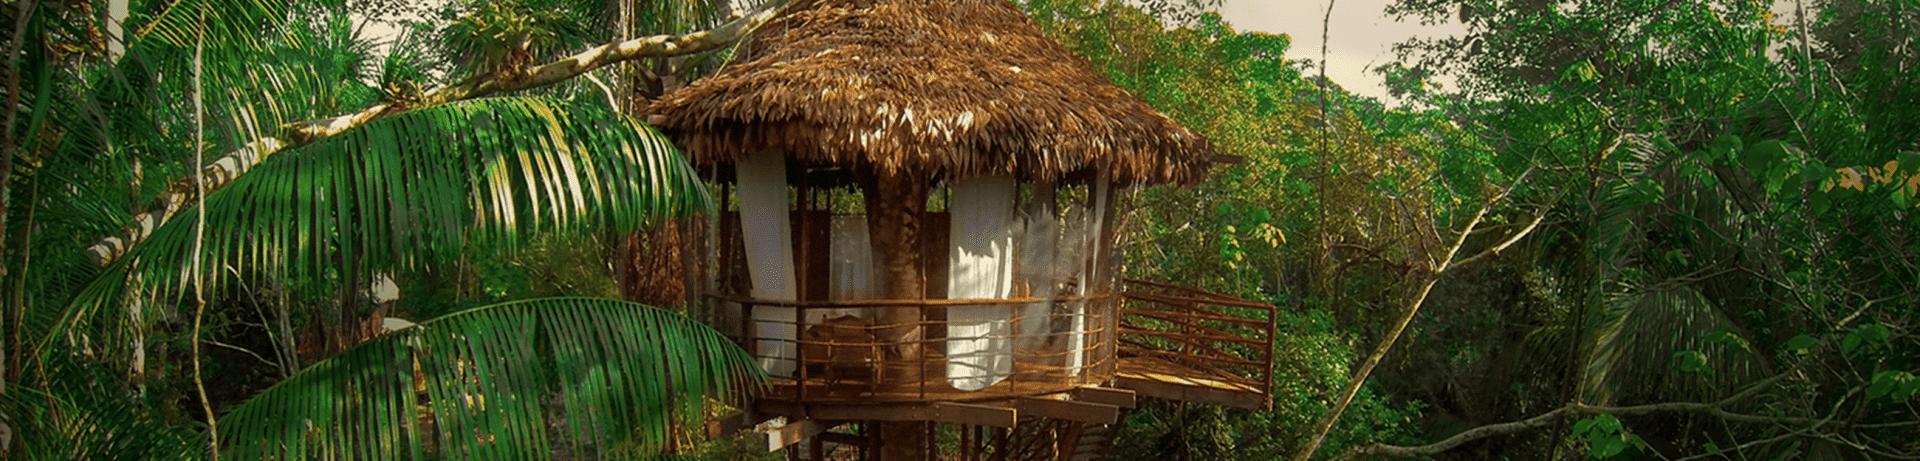 treehouse lodge ecologic